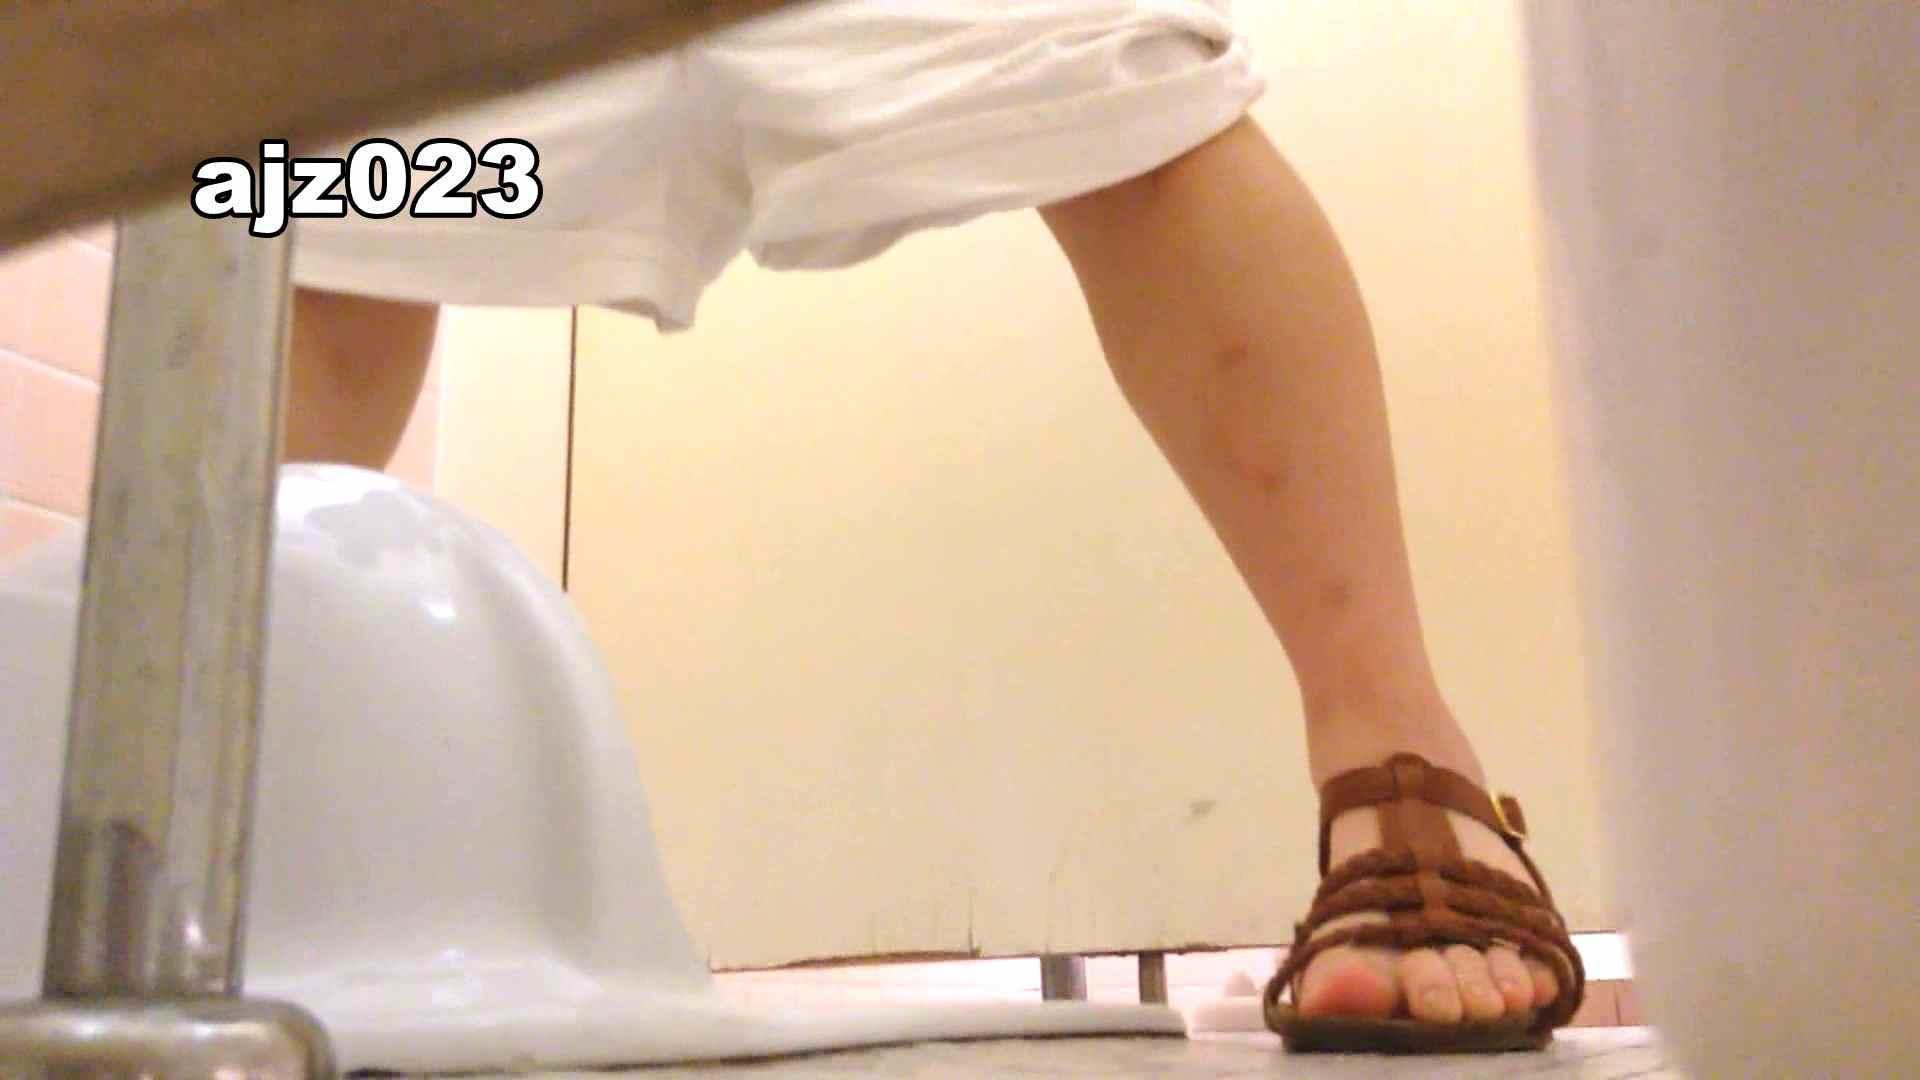 某有名大学女性洗面所 vol.23 排泄 AV無料 52pic 23